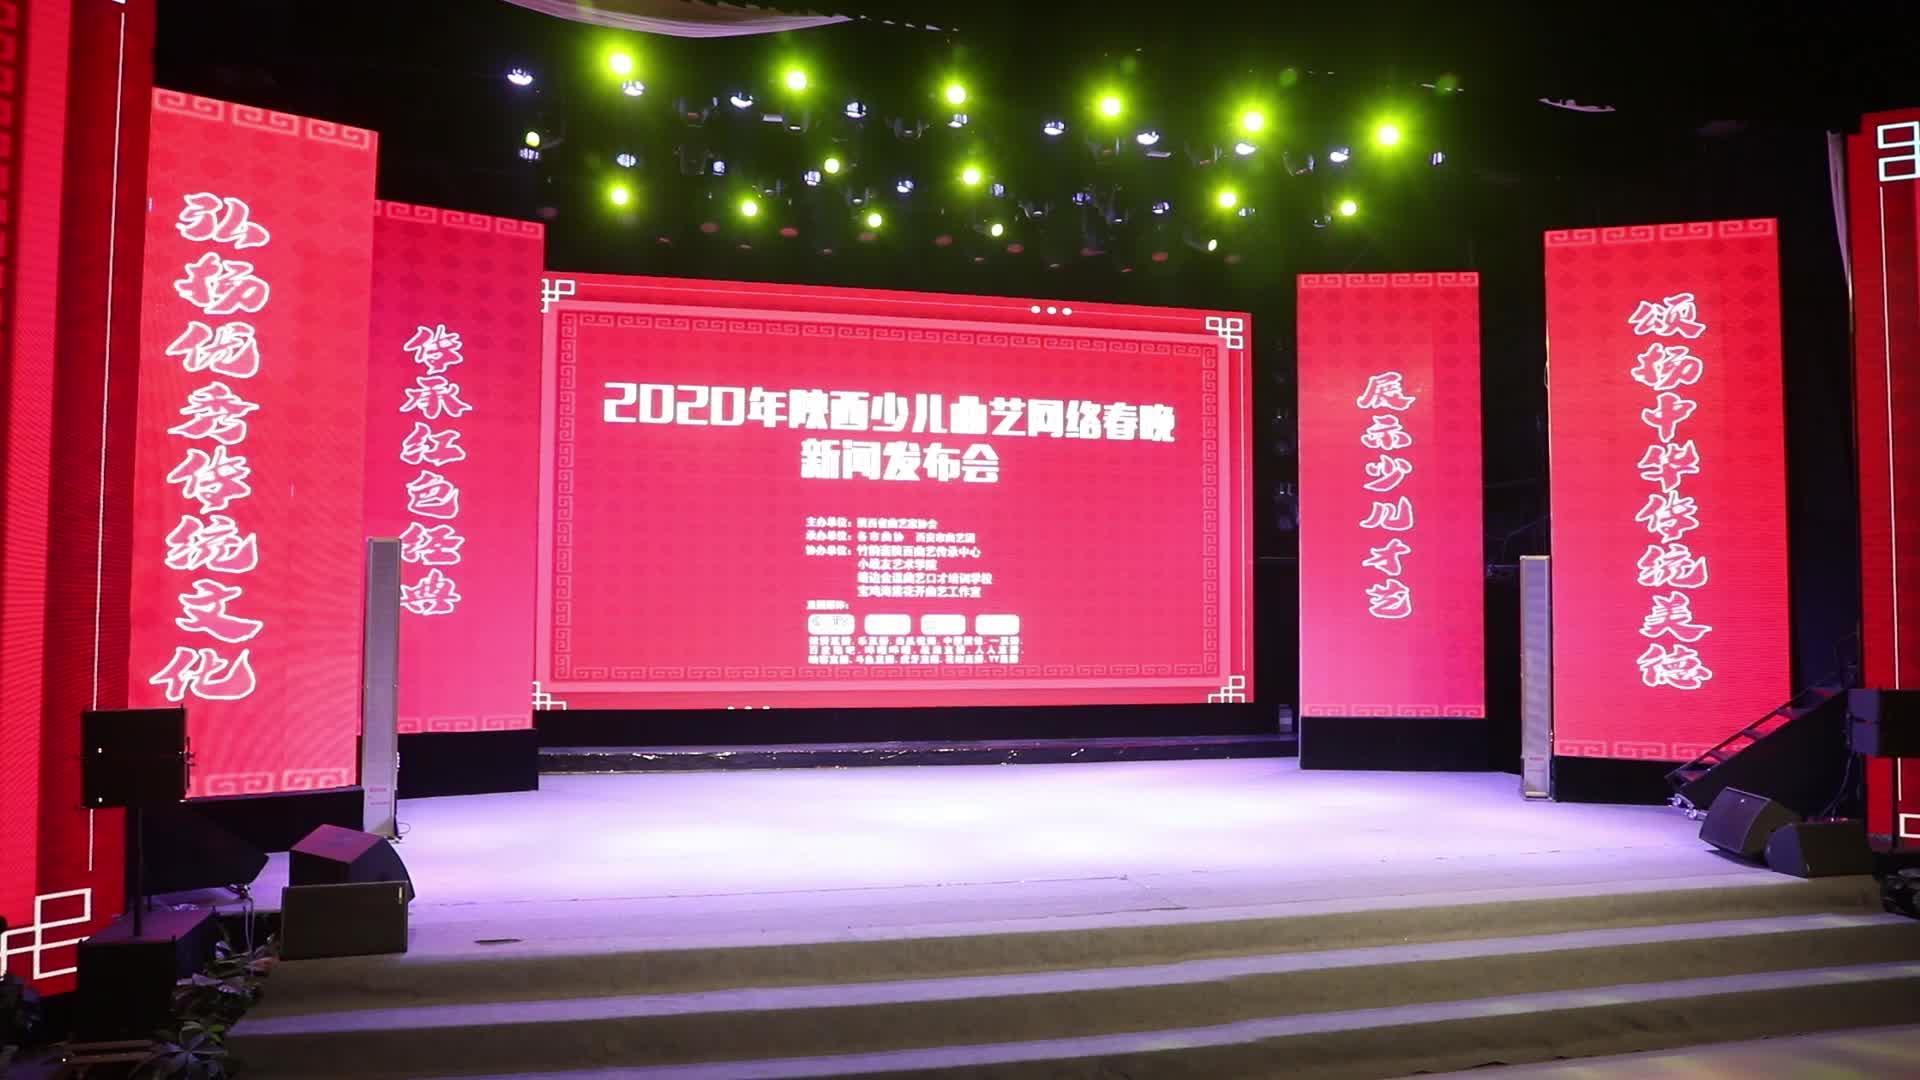 2020年陕西少儿曲艺网络春晚新闻发布会